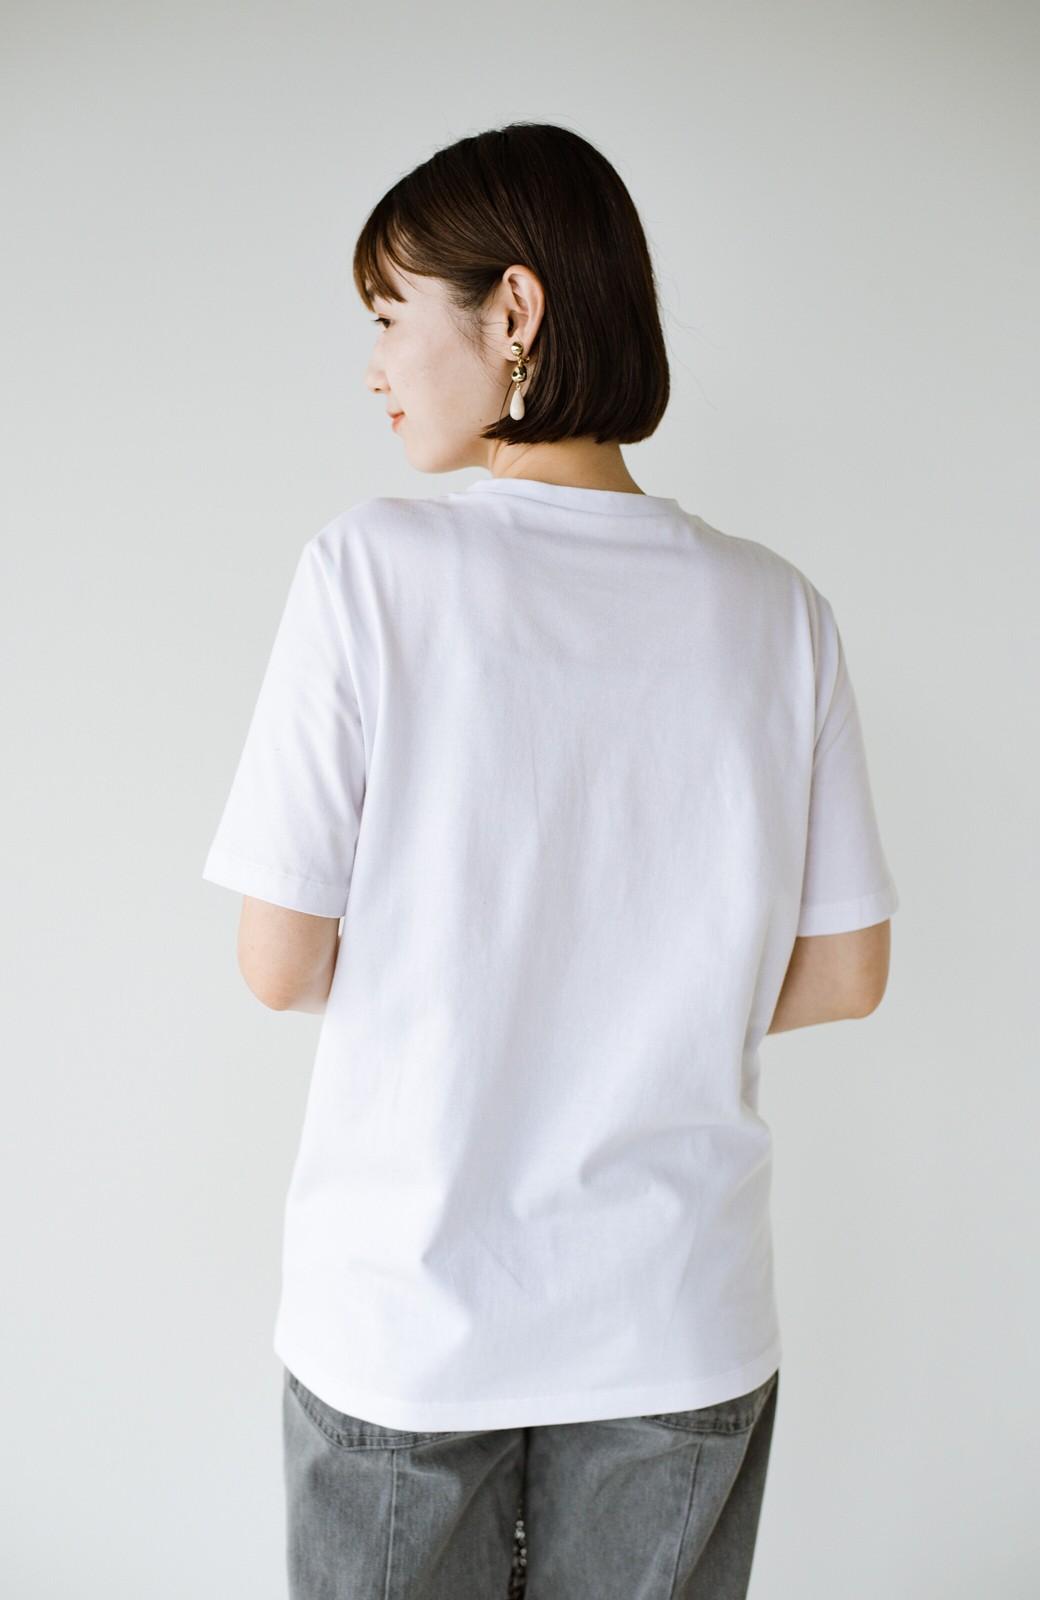 haco! 時間のない朝にもパッと出かけられる!元気が出るきれい色スカートにちょうどいいロゴTシャツを合わせておいた作り置きコーデセット by que made me <その他>の商品写真9